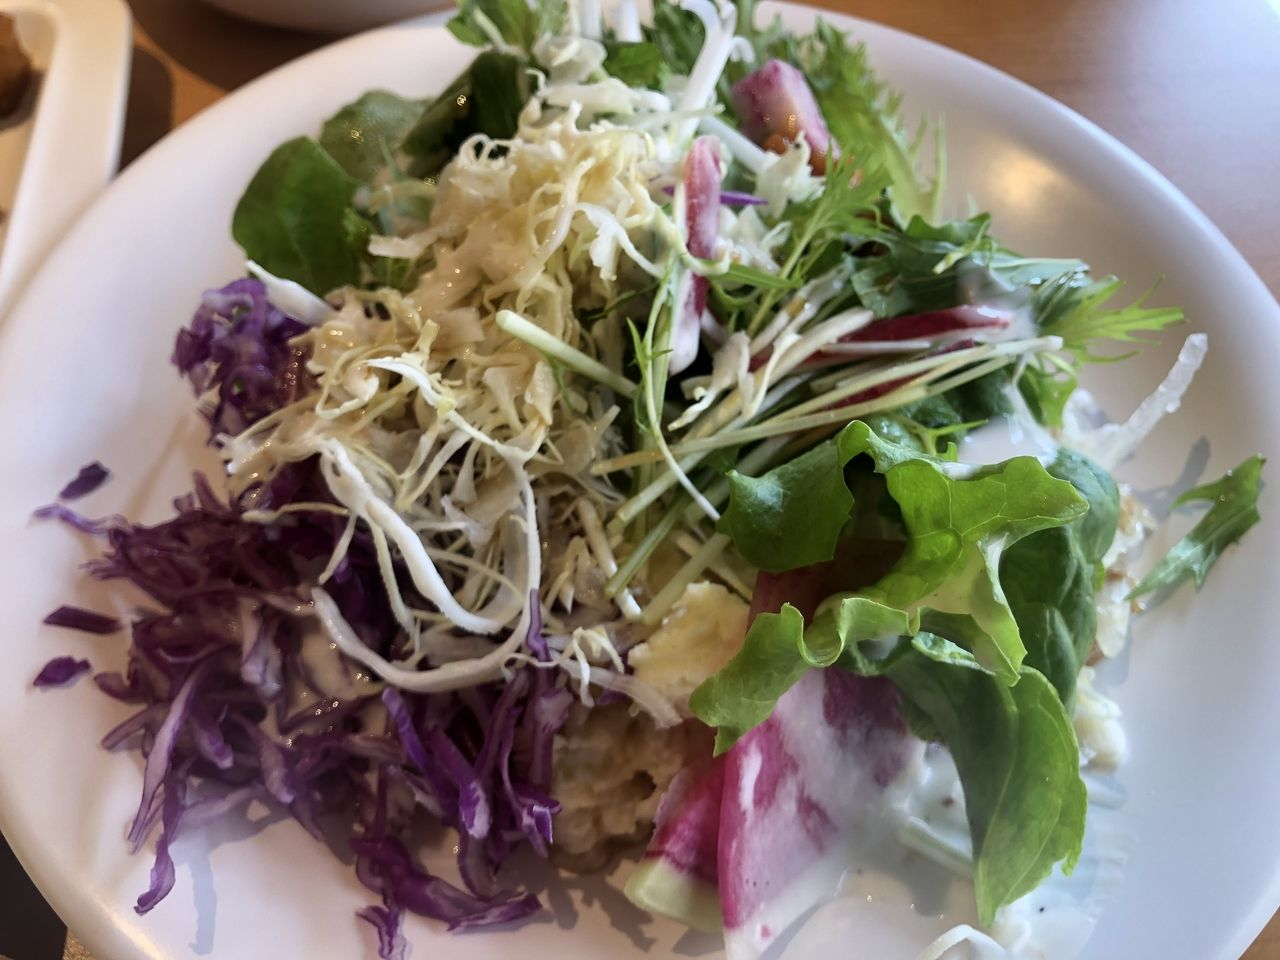 鹿児島市西谷山1丁目のおすすめバイキング農家レストランたわわは野菜の種類が多いので女性に人気です。